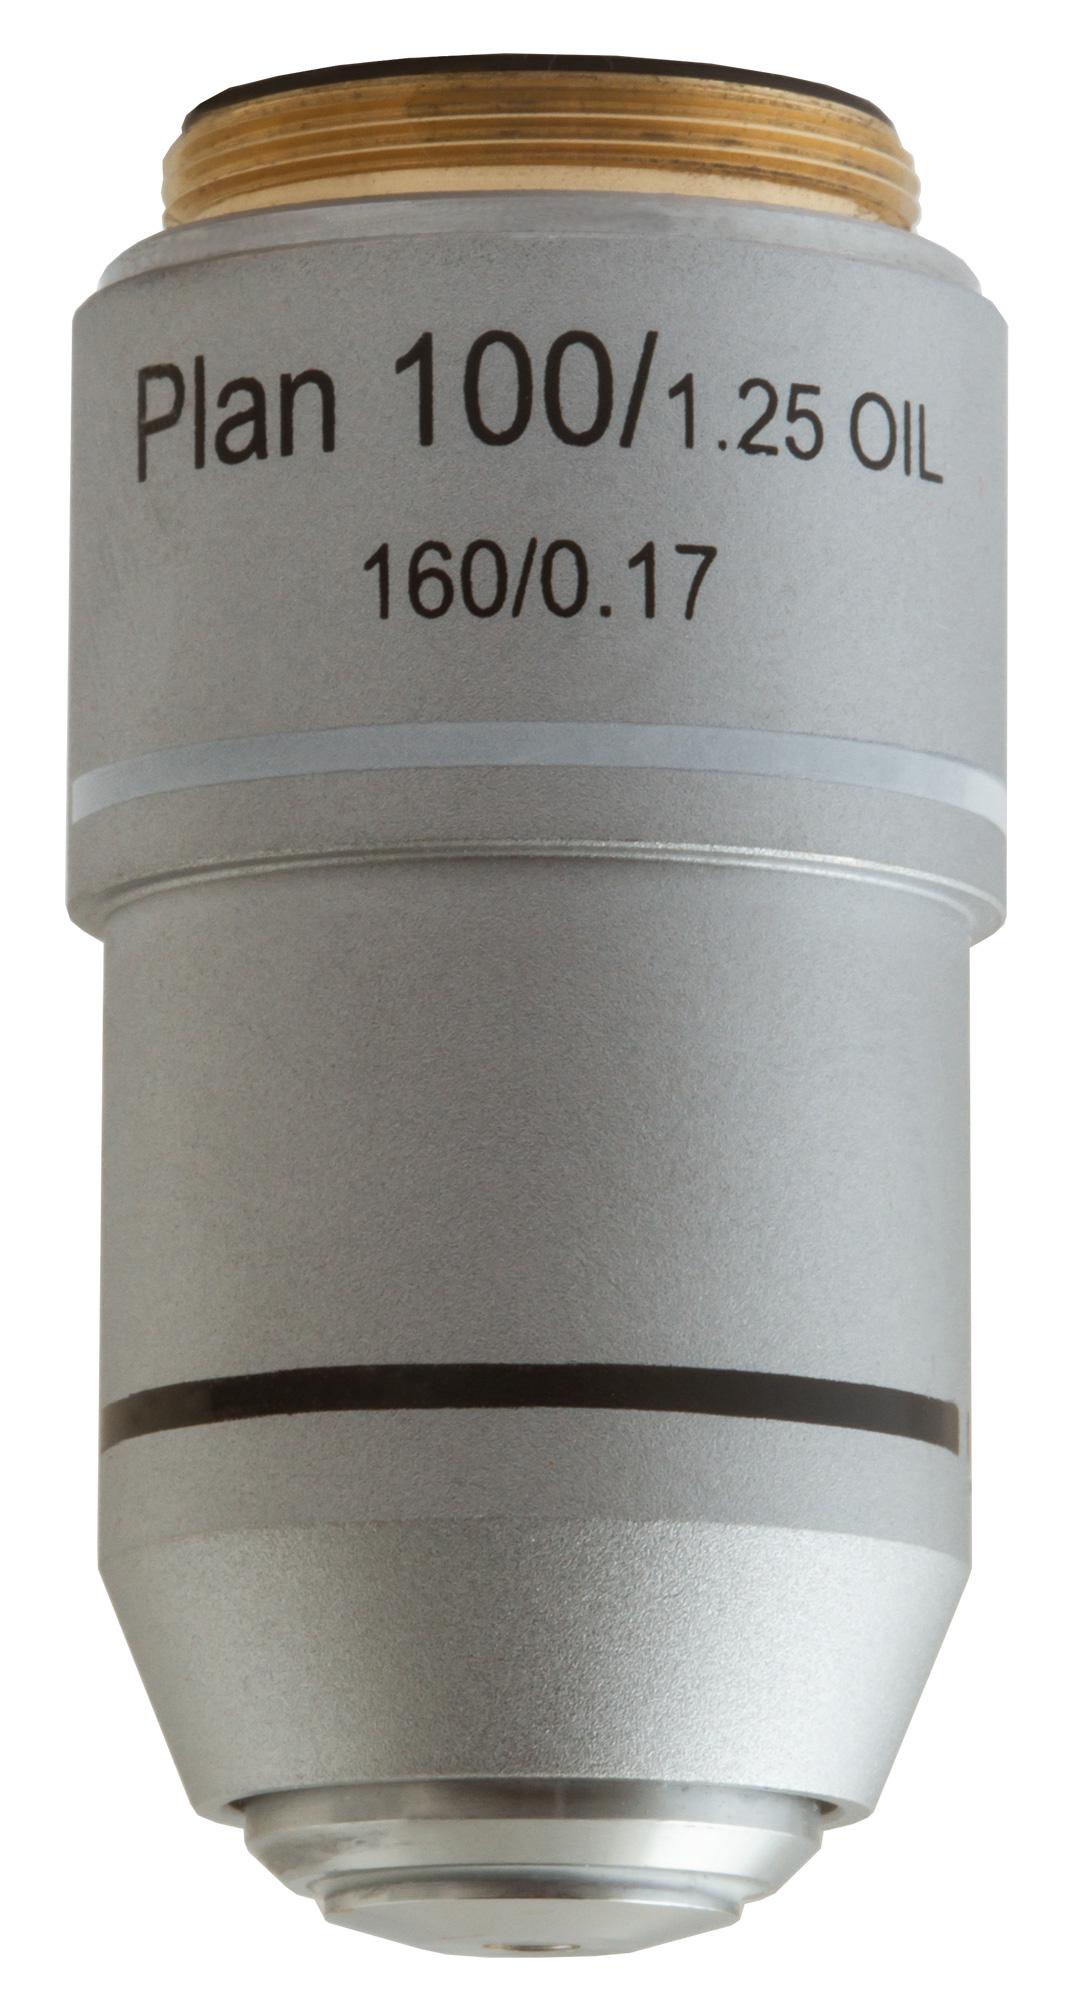 Картинка для Объектив планахроматический Levenhuk (Левенгук) MED 100x